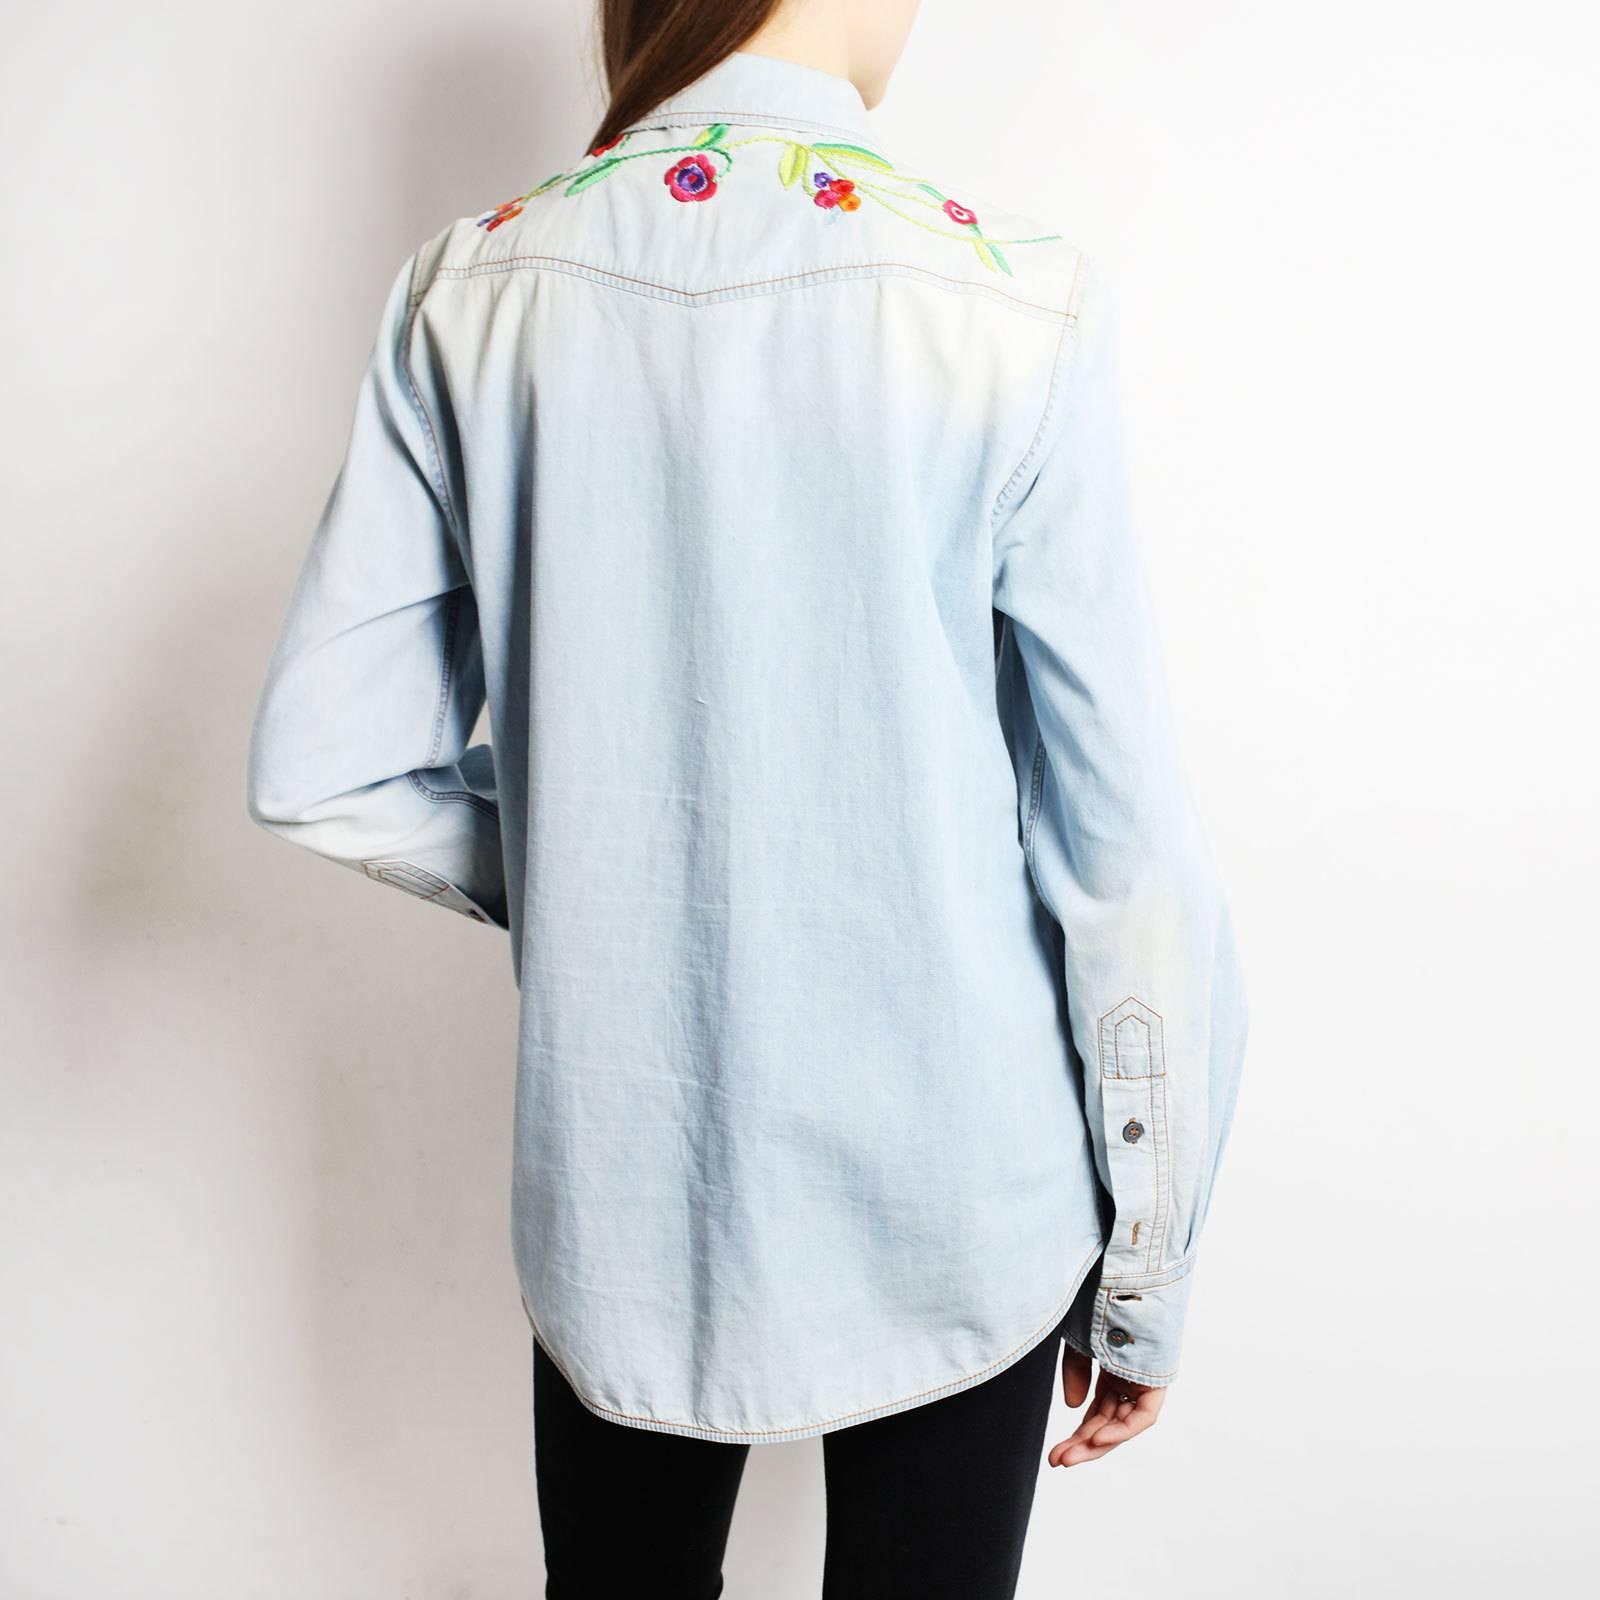 Купить рубашку Ice by Iceberg в Москве с доставкой по цене 4920 ... a8533a6c3d7